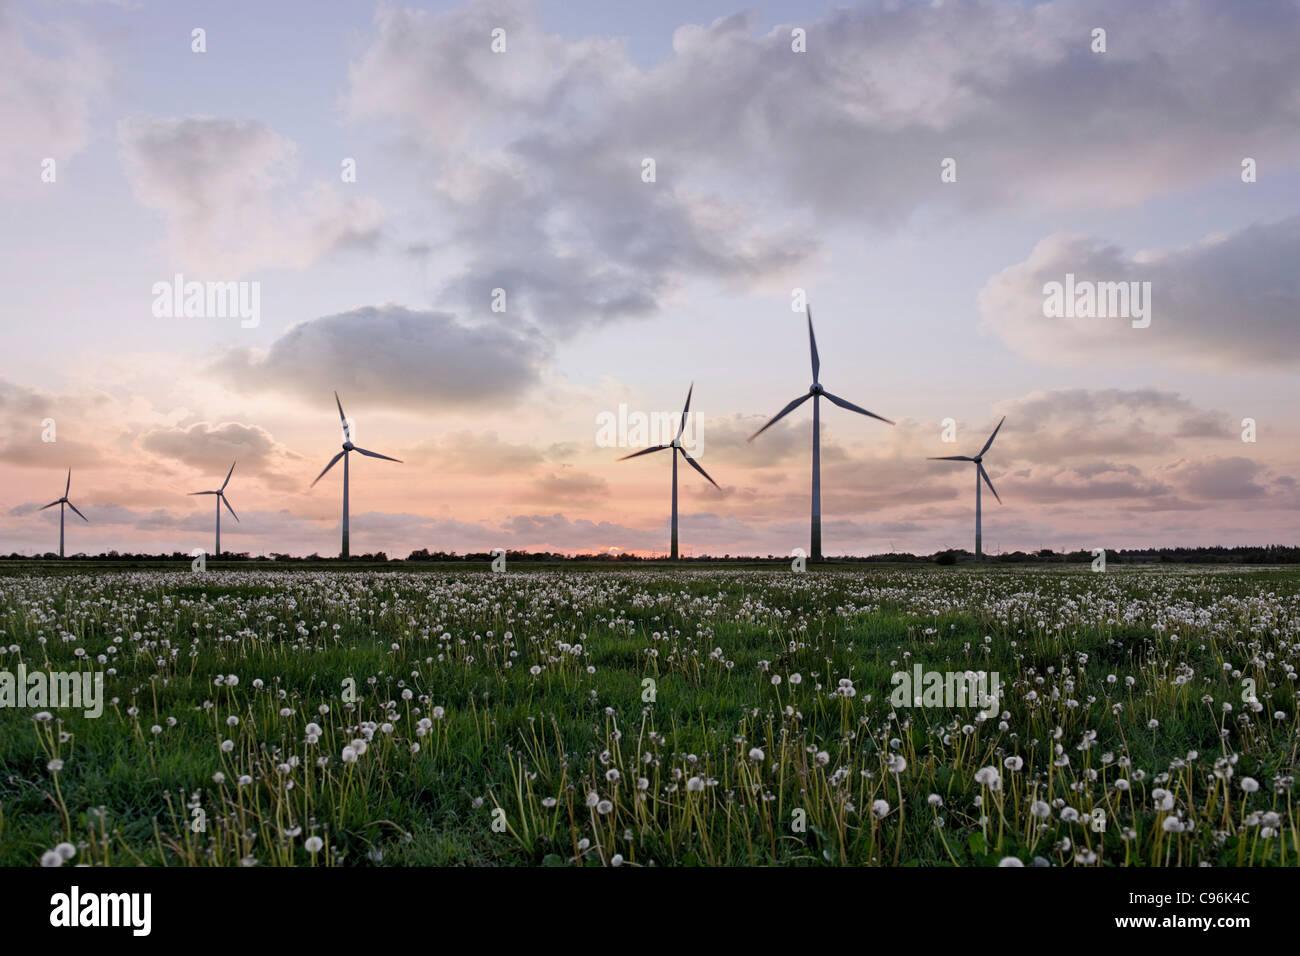 Windkraftanlagen, Silhouette von Windkraftanlagen im Sonnenuntergang, Windkraftanlage, Felder, Windpark Stockbild